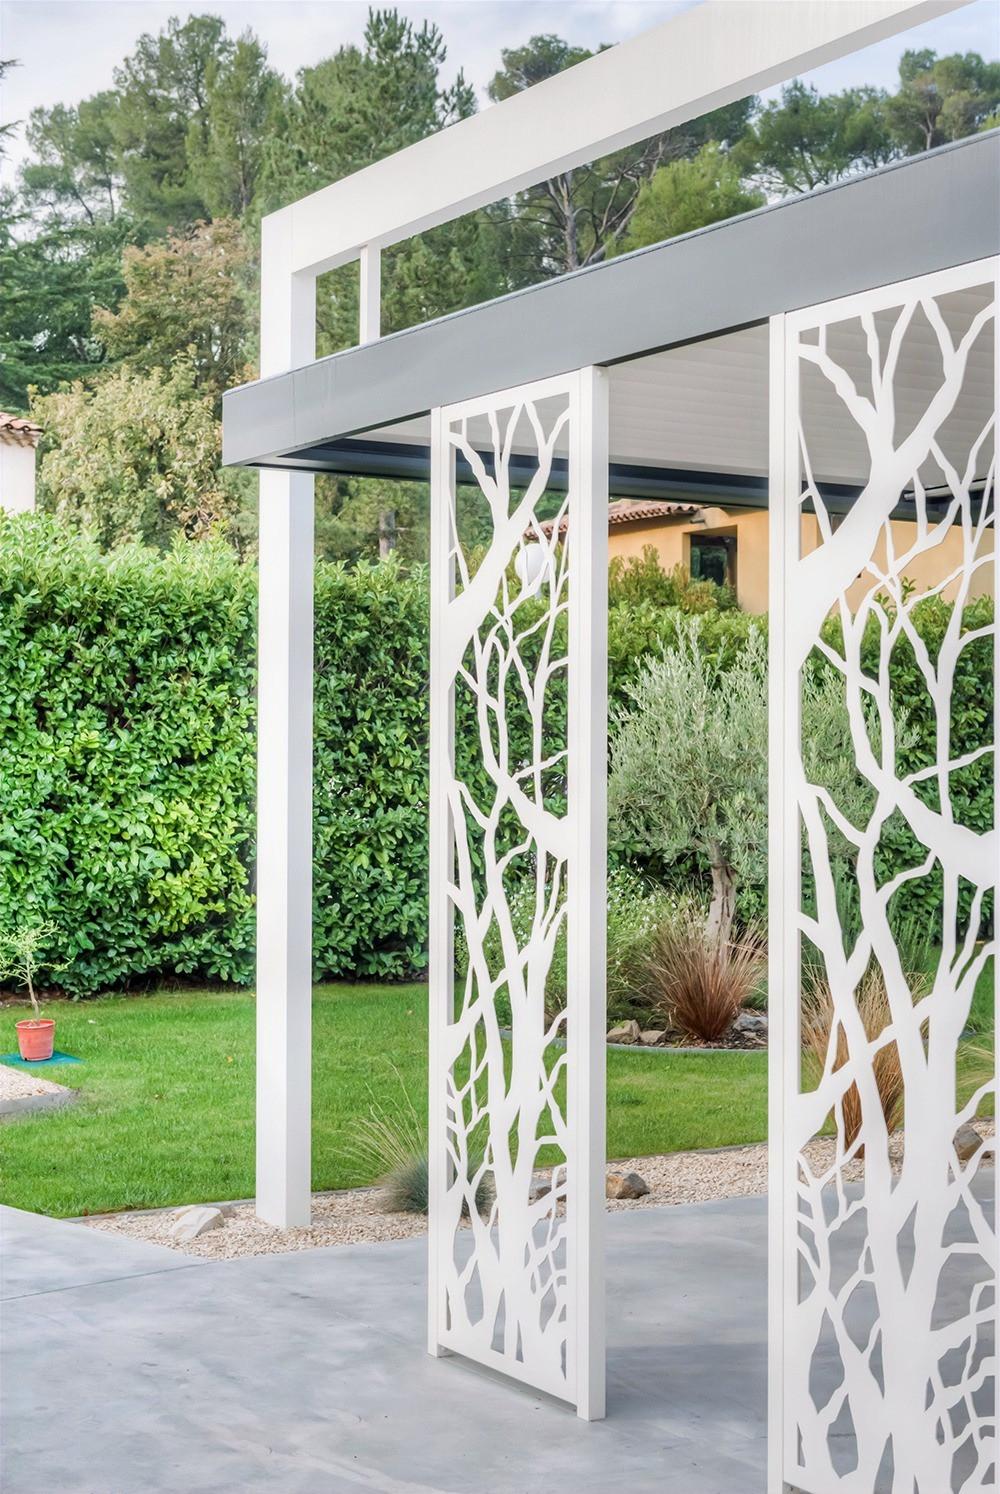 Pergola bioclimatique Sol Design Solembra blanche et gris anthracite avec arche aérienne et claustra décoratifs